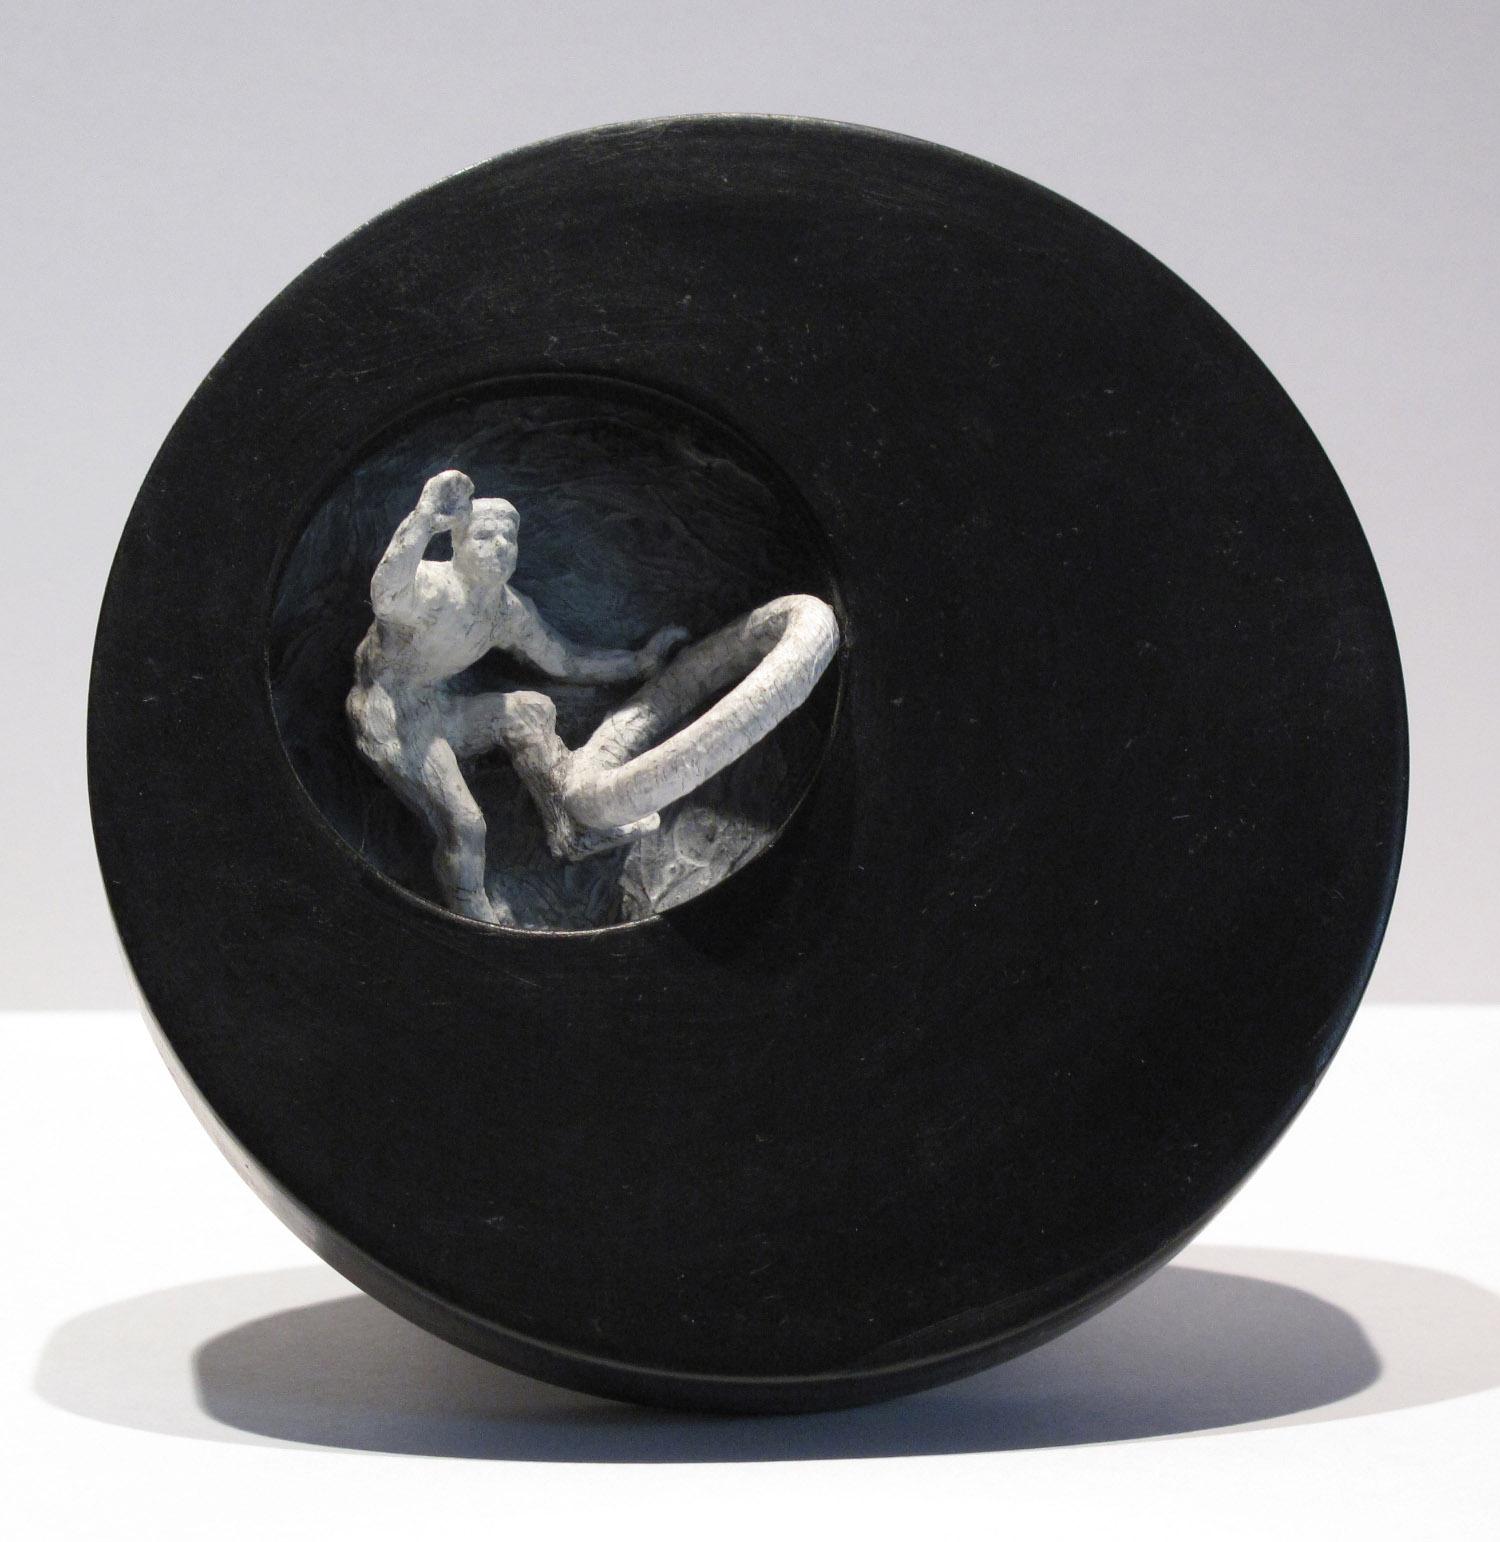 5ci(0) - Hoop-Hop, plaster, gesso, wood, 4 in diameter, 2005.jpg